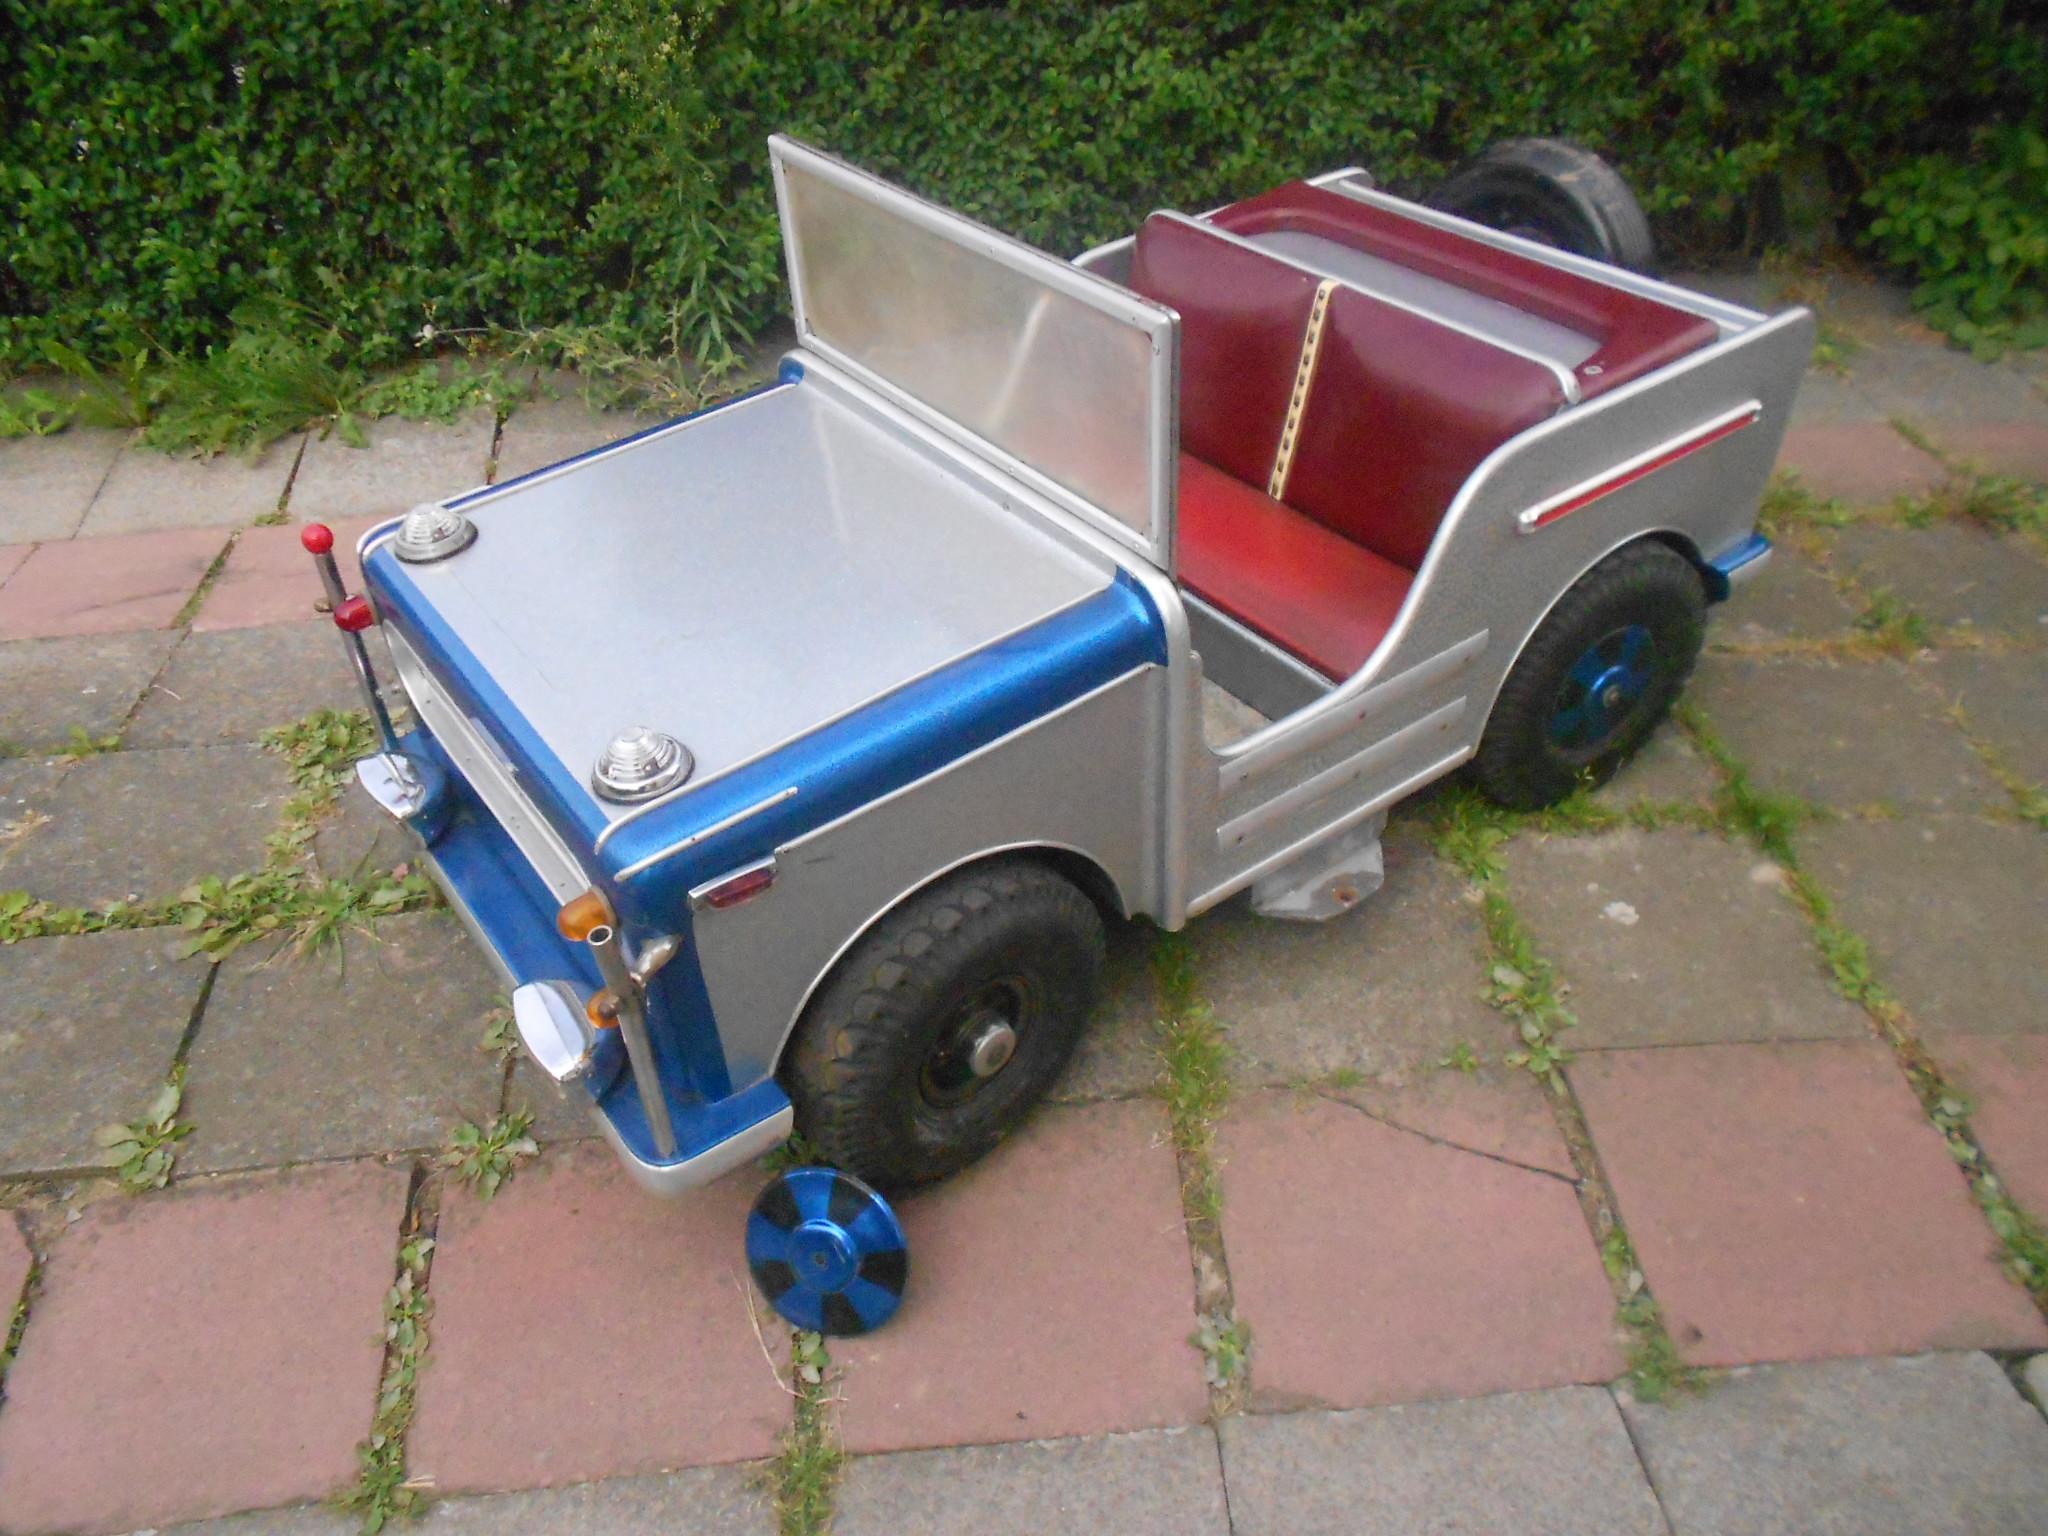 collect hit toy market voiture de man ge hennecke jeep. Black Bedroom Furniture Sets. Home Design Ideas